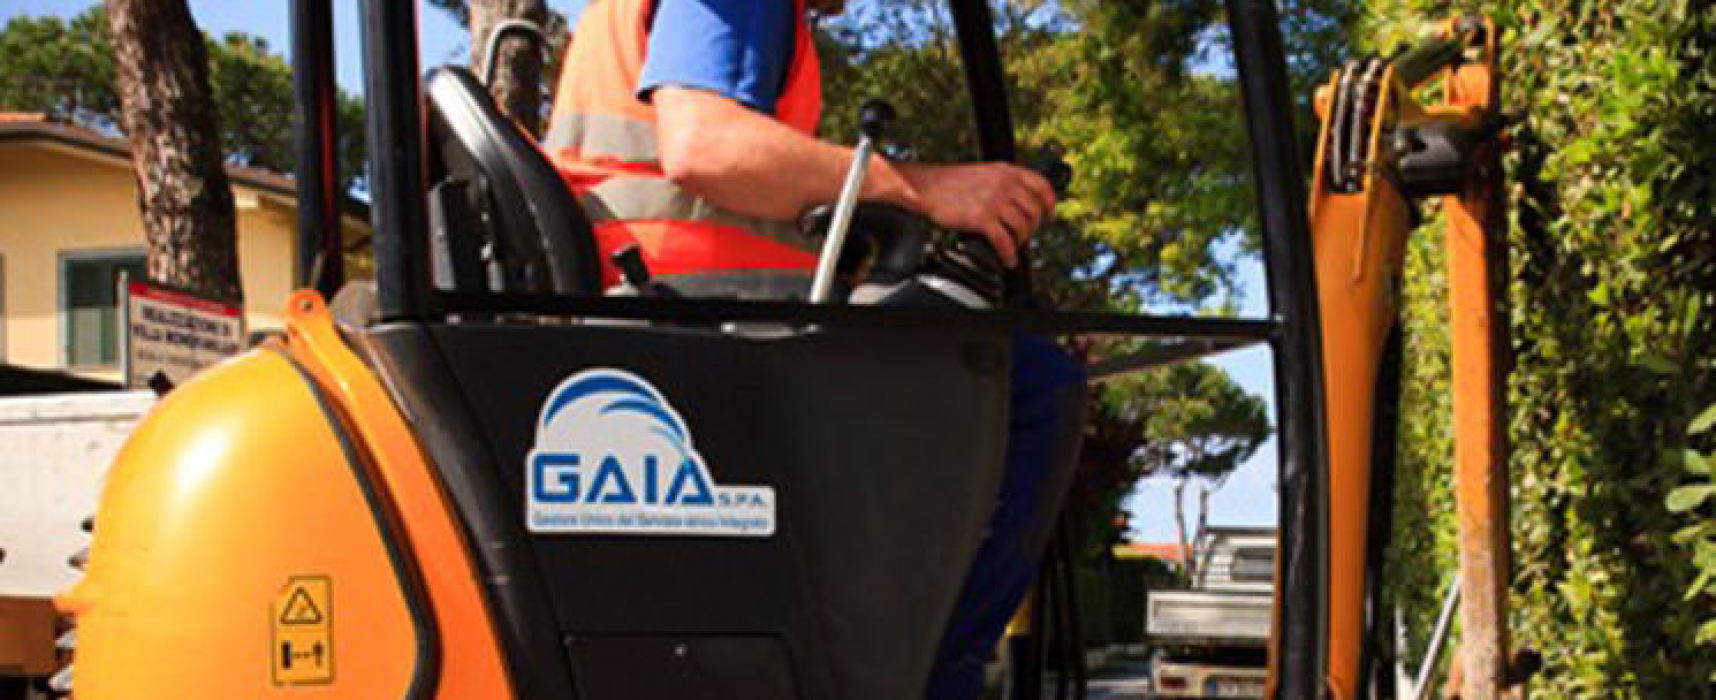 Acqua alla Gola, perdite ingenti a causa dei ritardi negli interventi da parte di GAIA